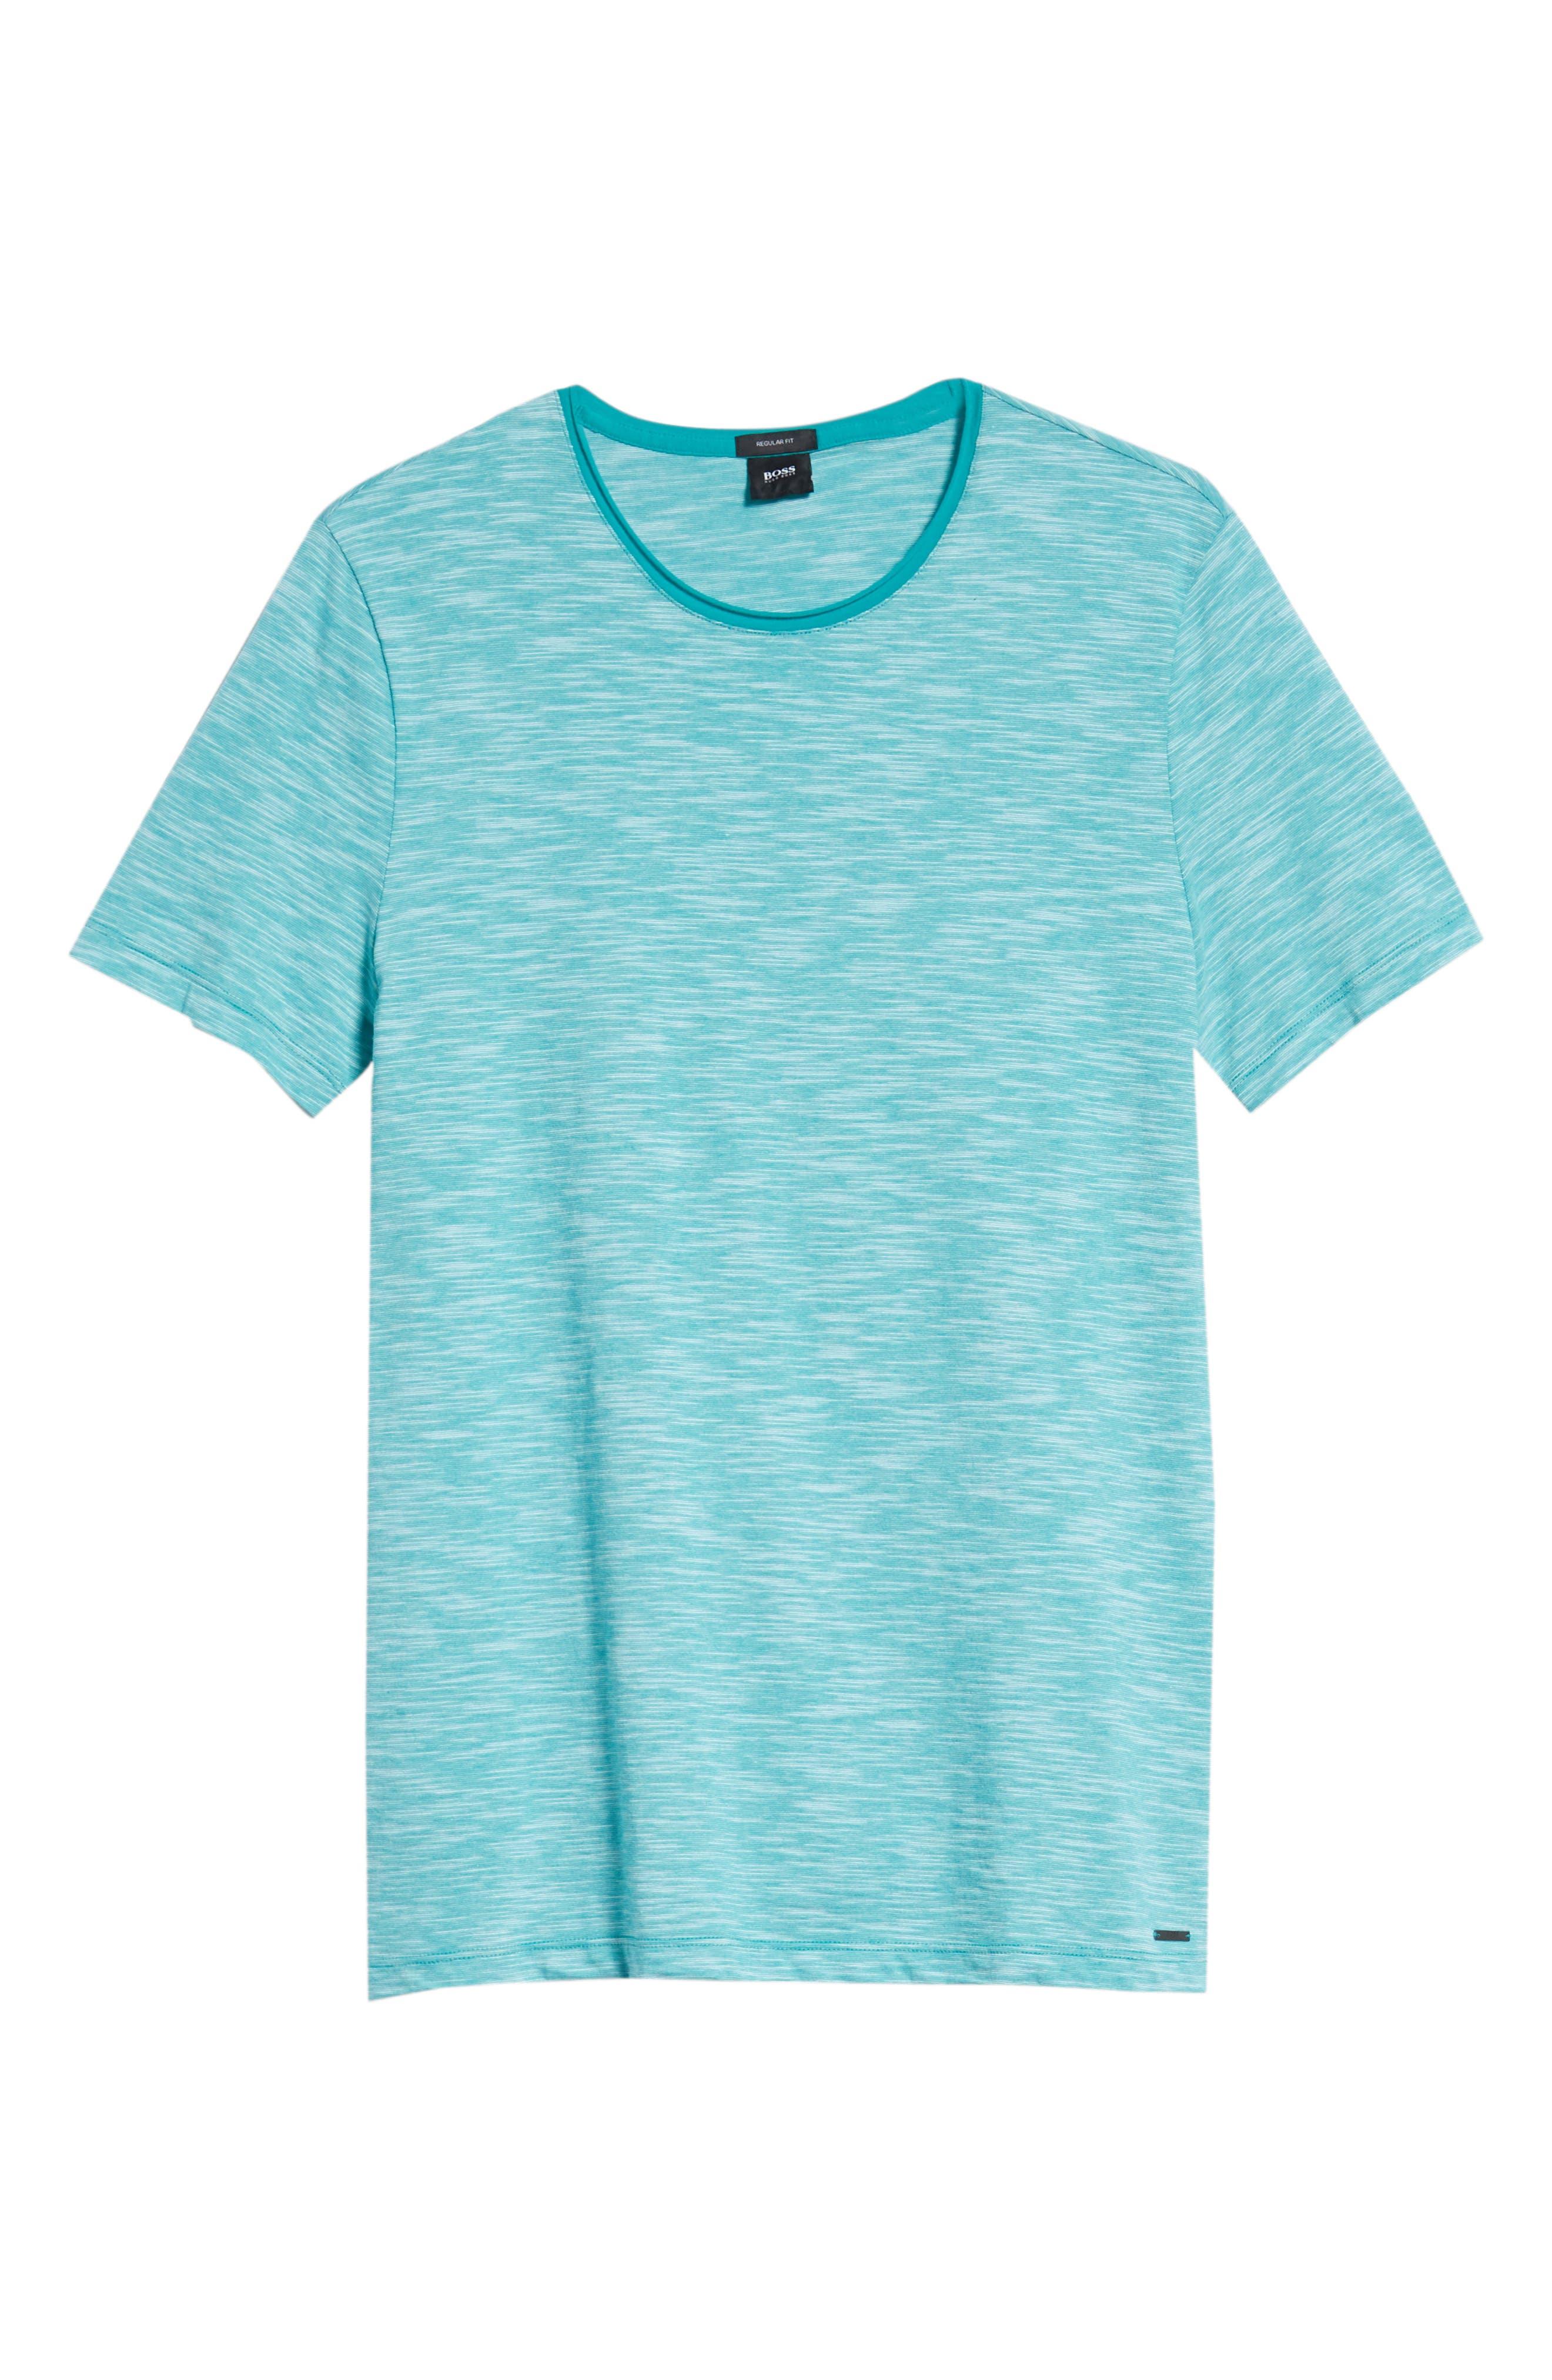 Tiburt 68 Flame T-Shirt,                             Alternate thumbnail 6, color,                             312